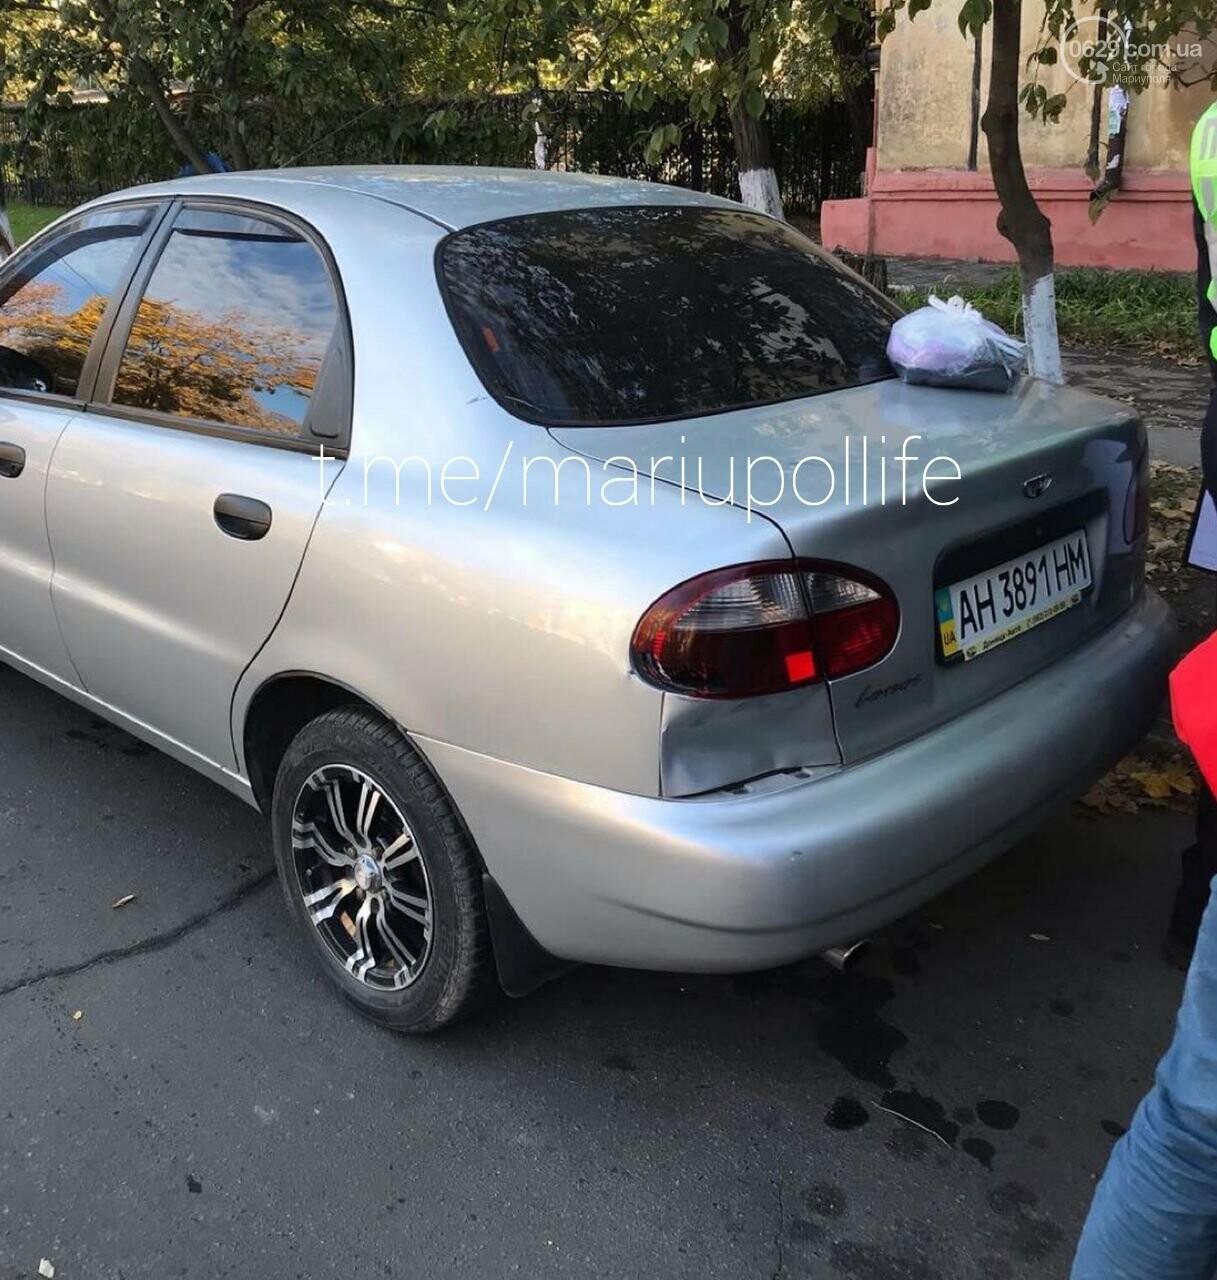 Пьяный мариуполец на электроскутере врезался в автомобиль,- ФОТО, ВИДЕО, фото-1